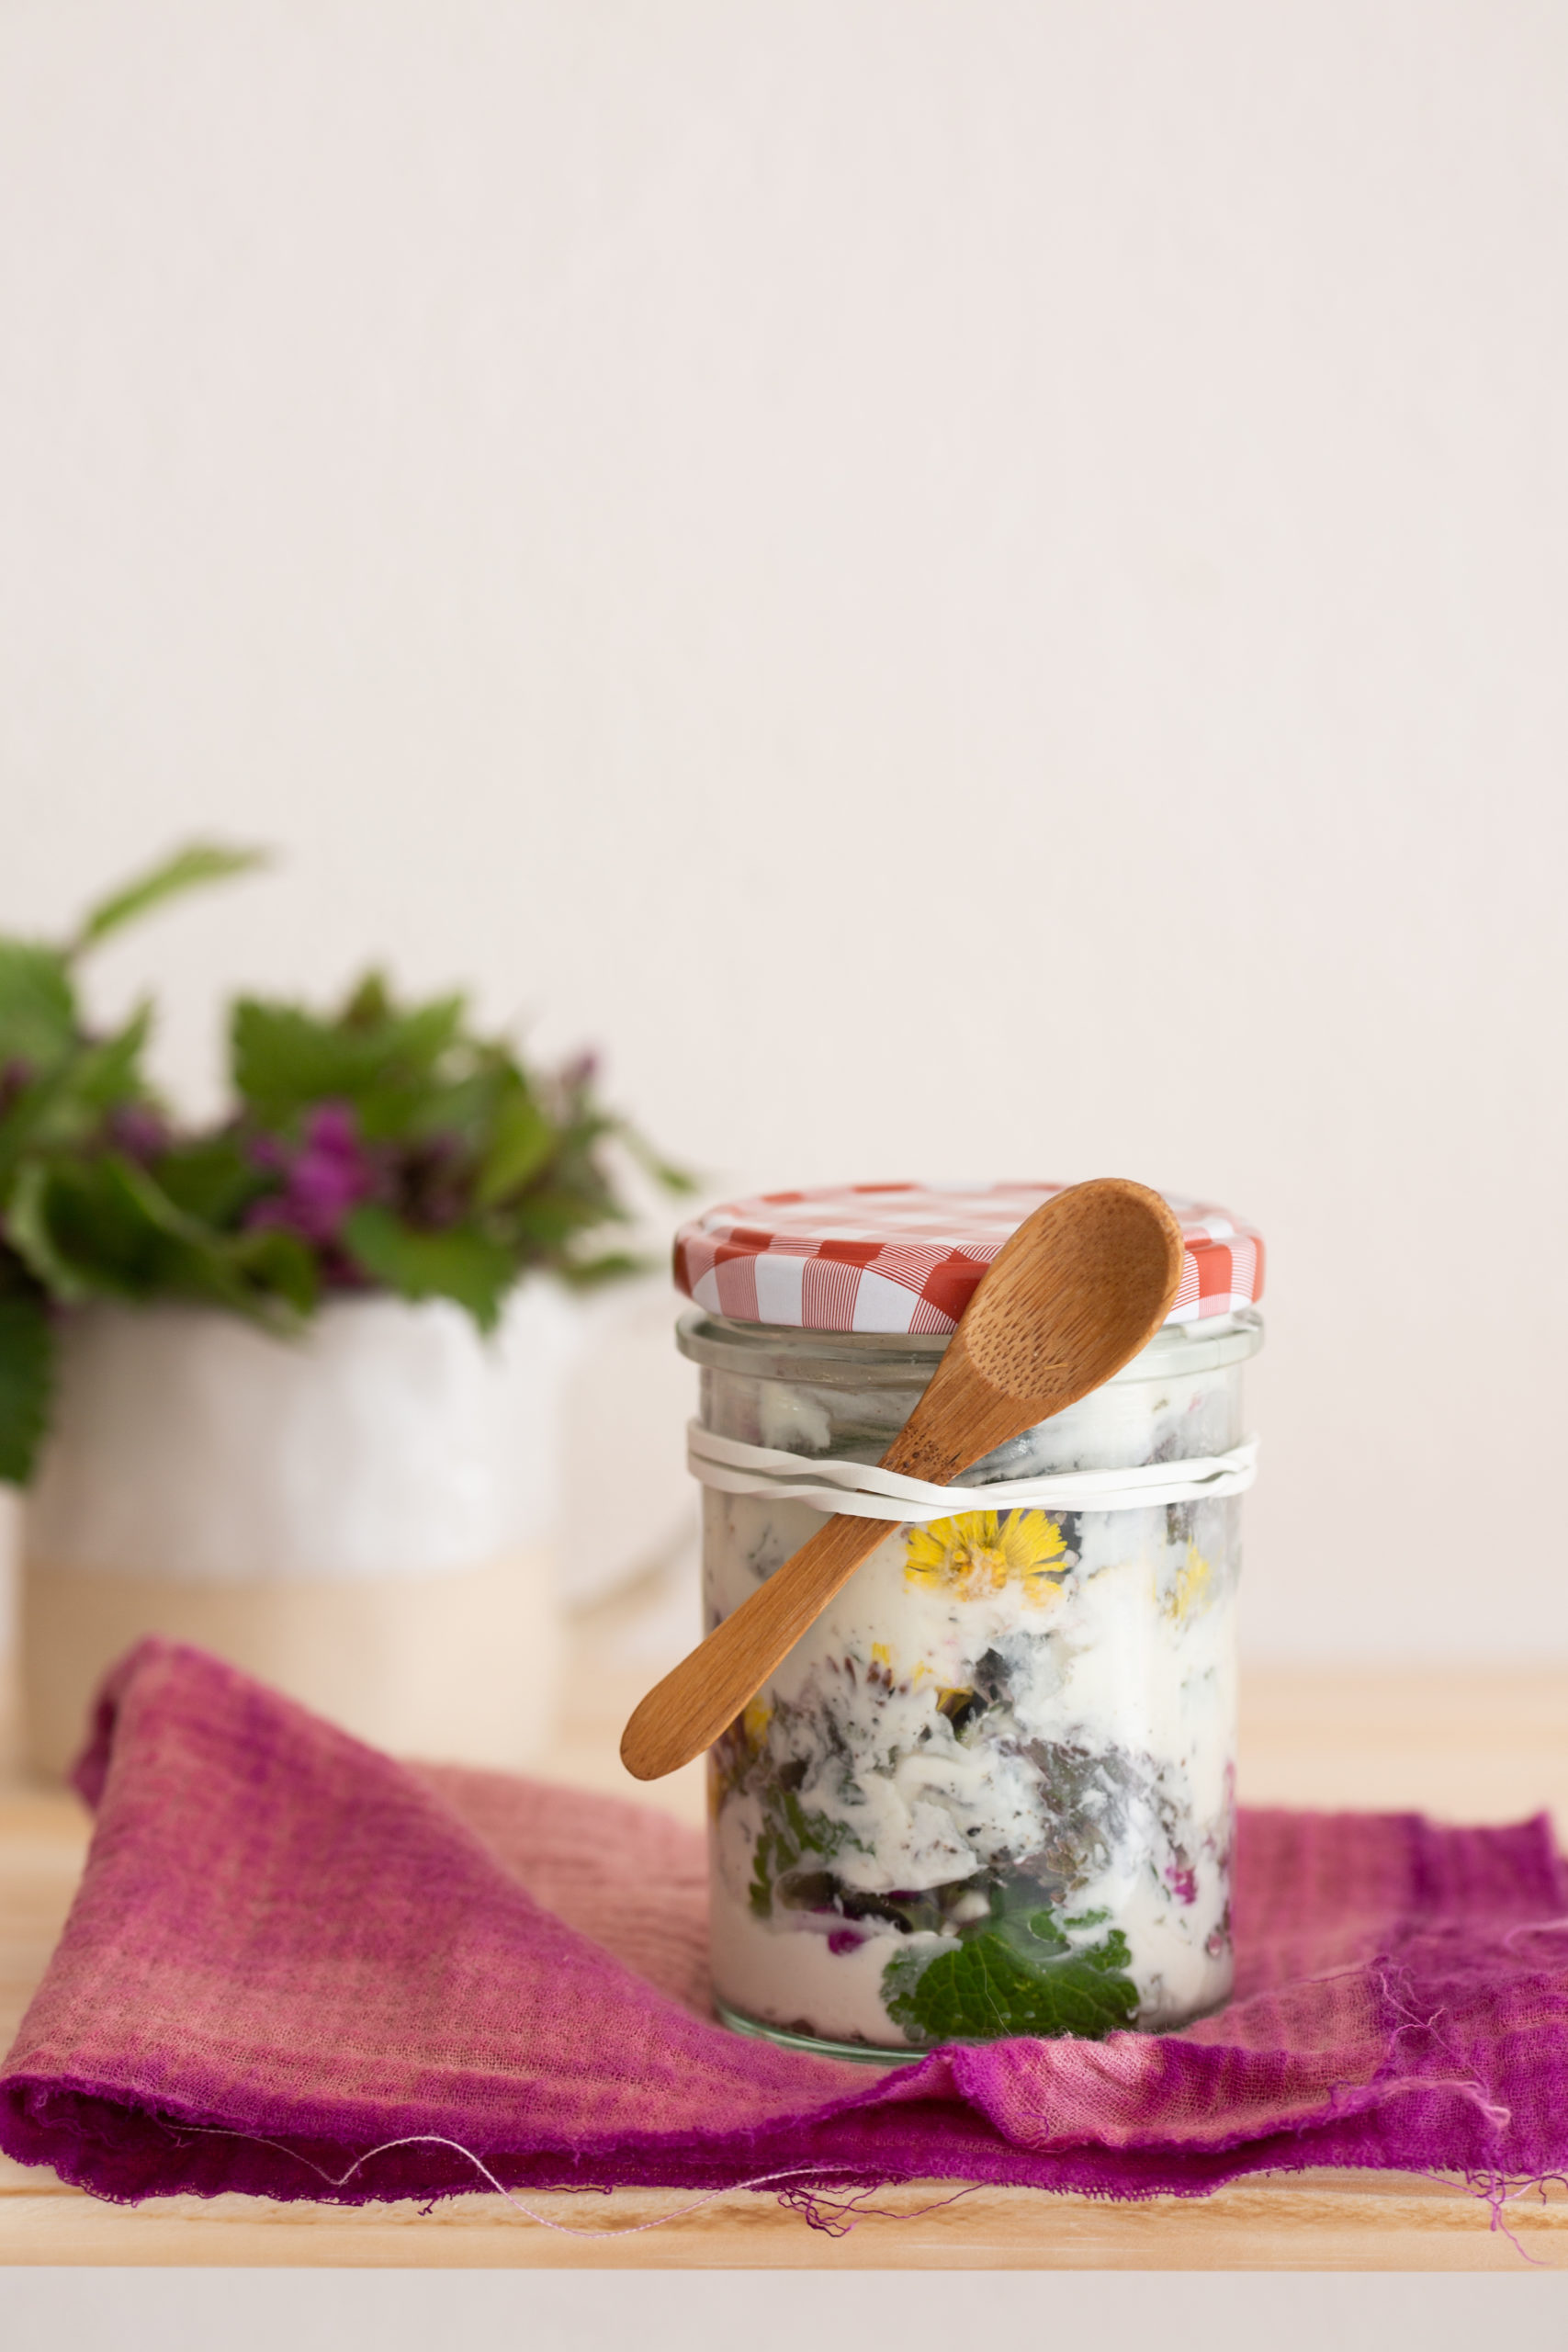 Wildkräuterküche - Taubnessel | Gesunde vegane Rezepte, Fermentation, Nachhaltigkeit - Syl Gervais